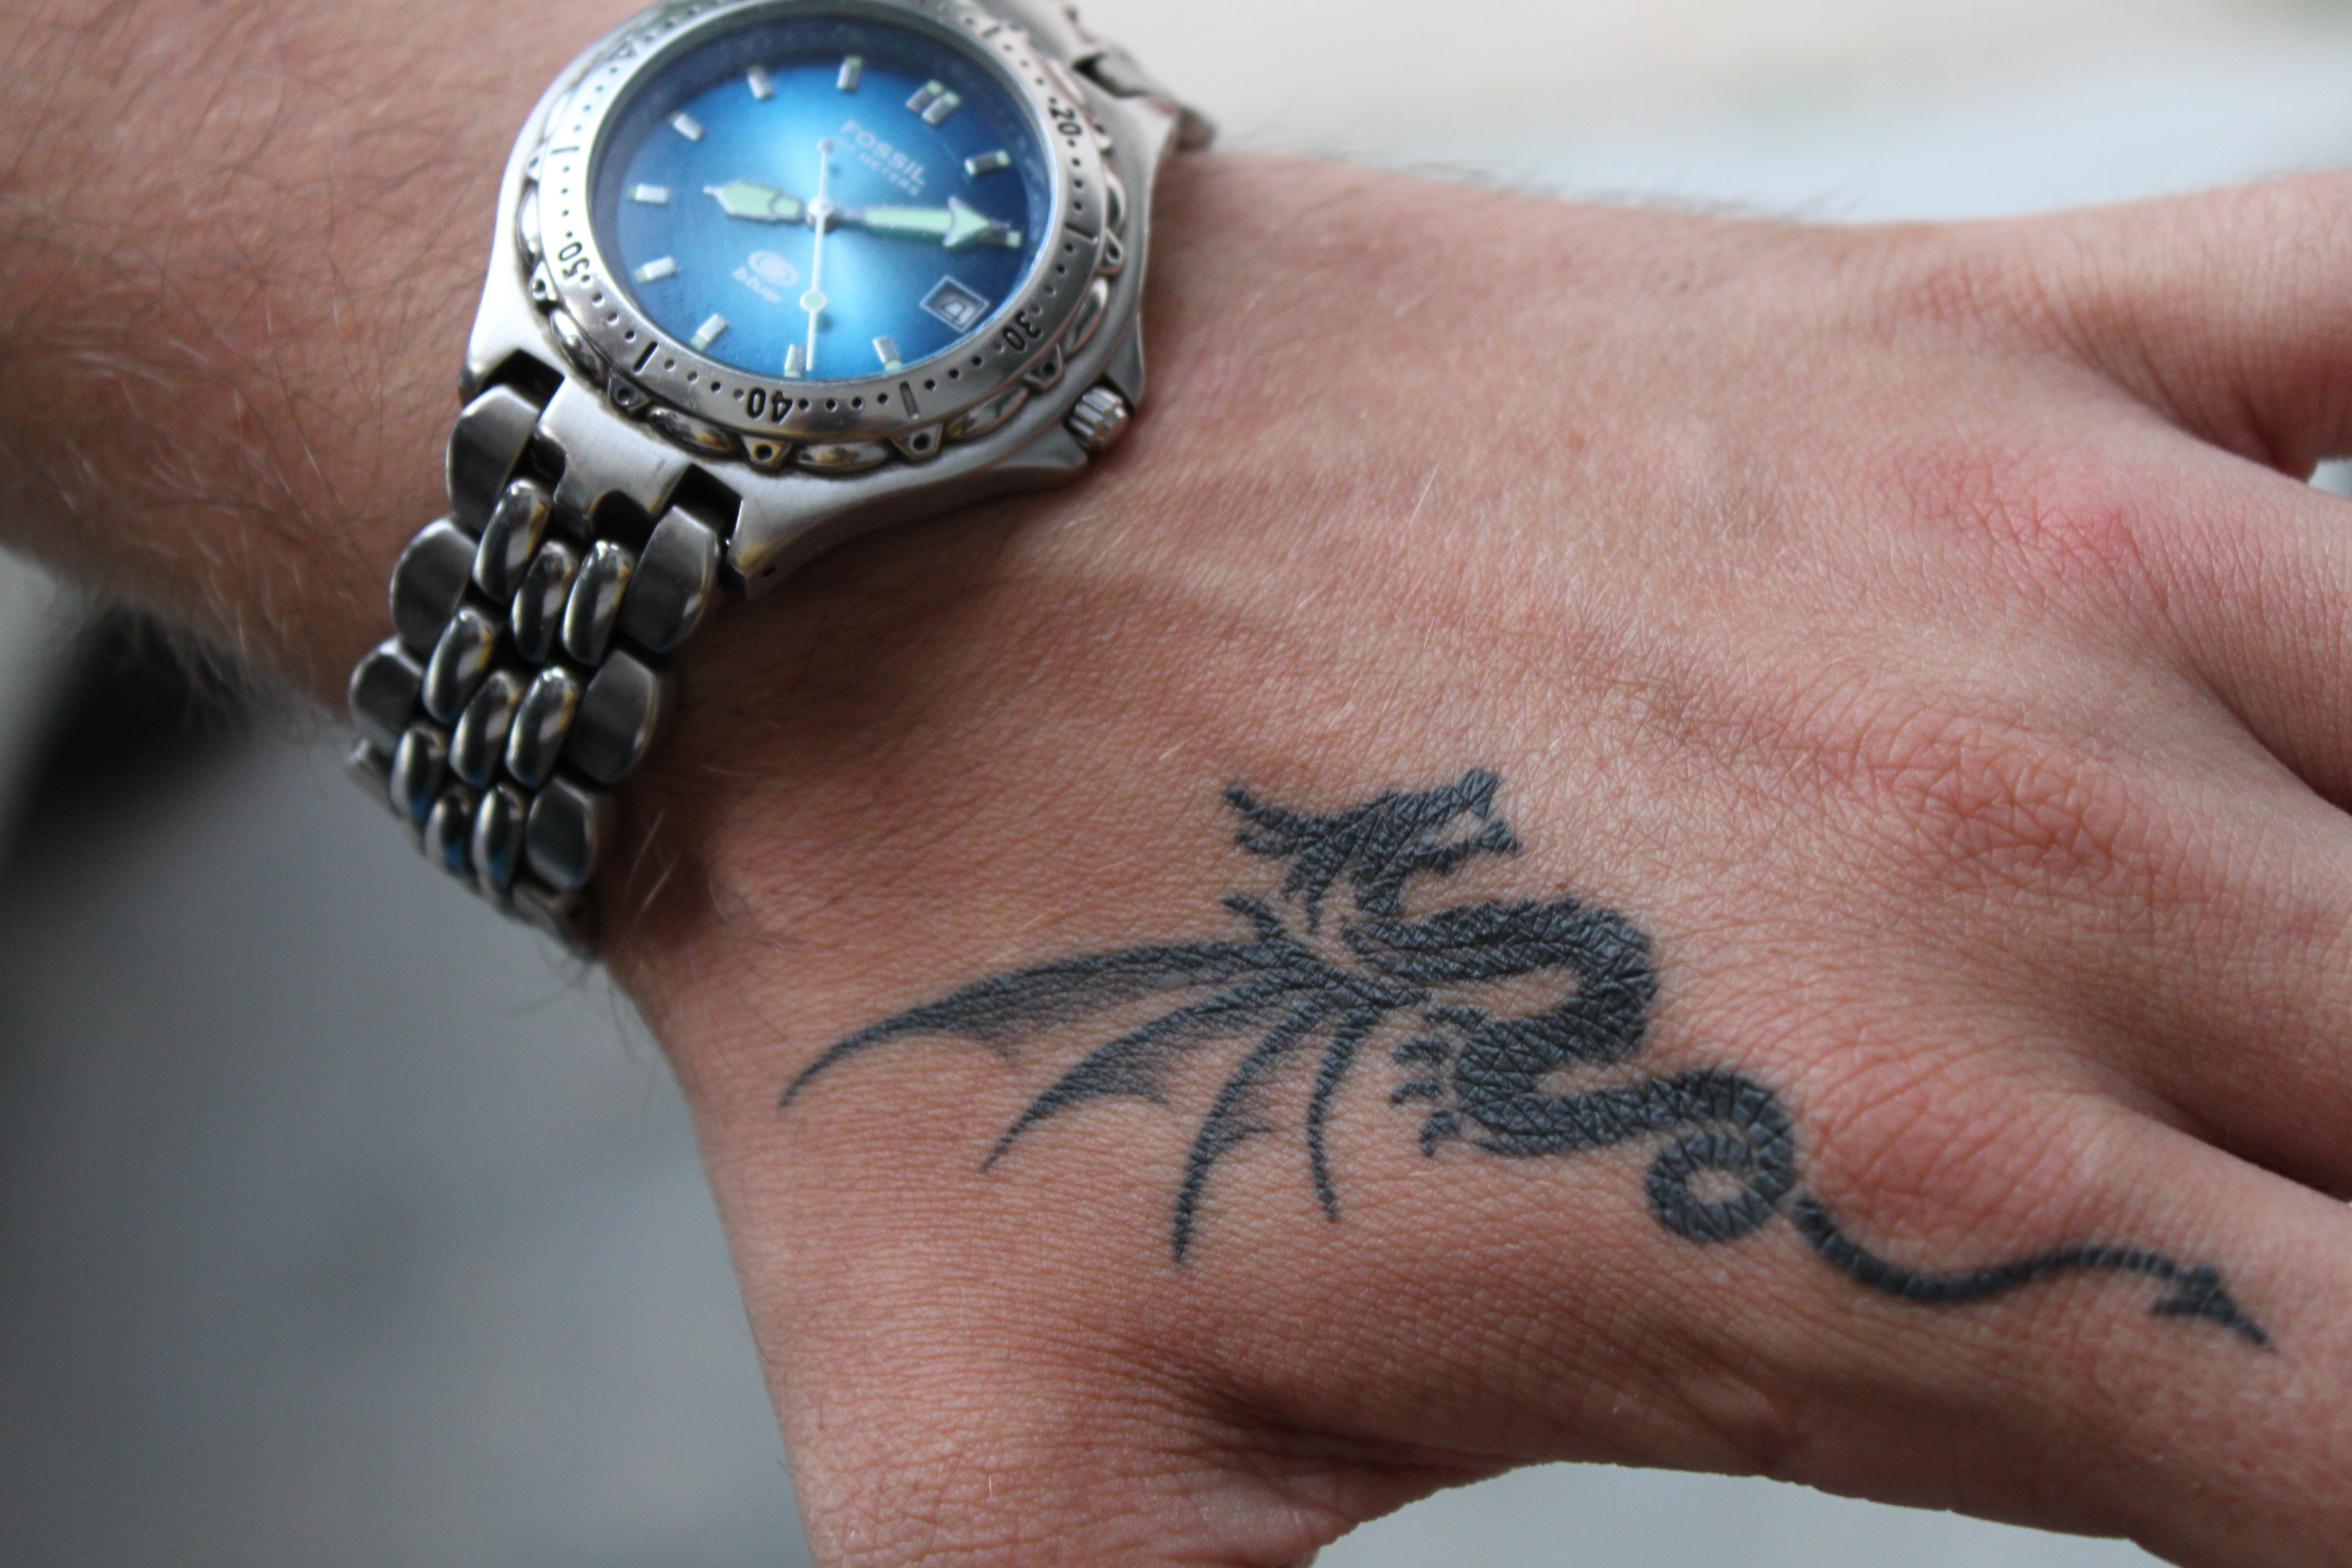 3a8715d21 My dragon tattoo on the hand. - Tattoo.com